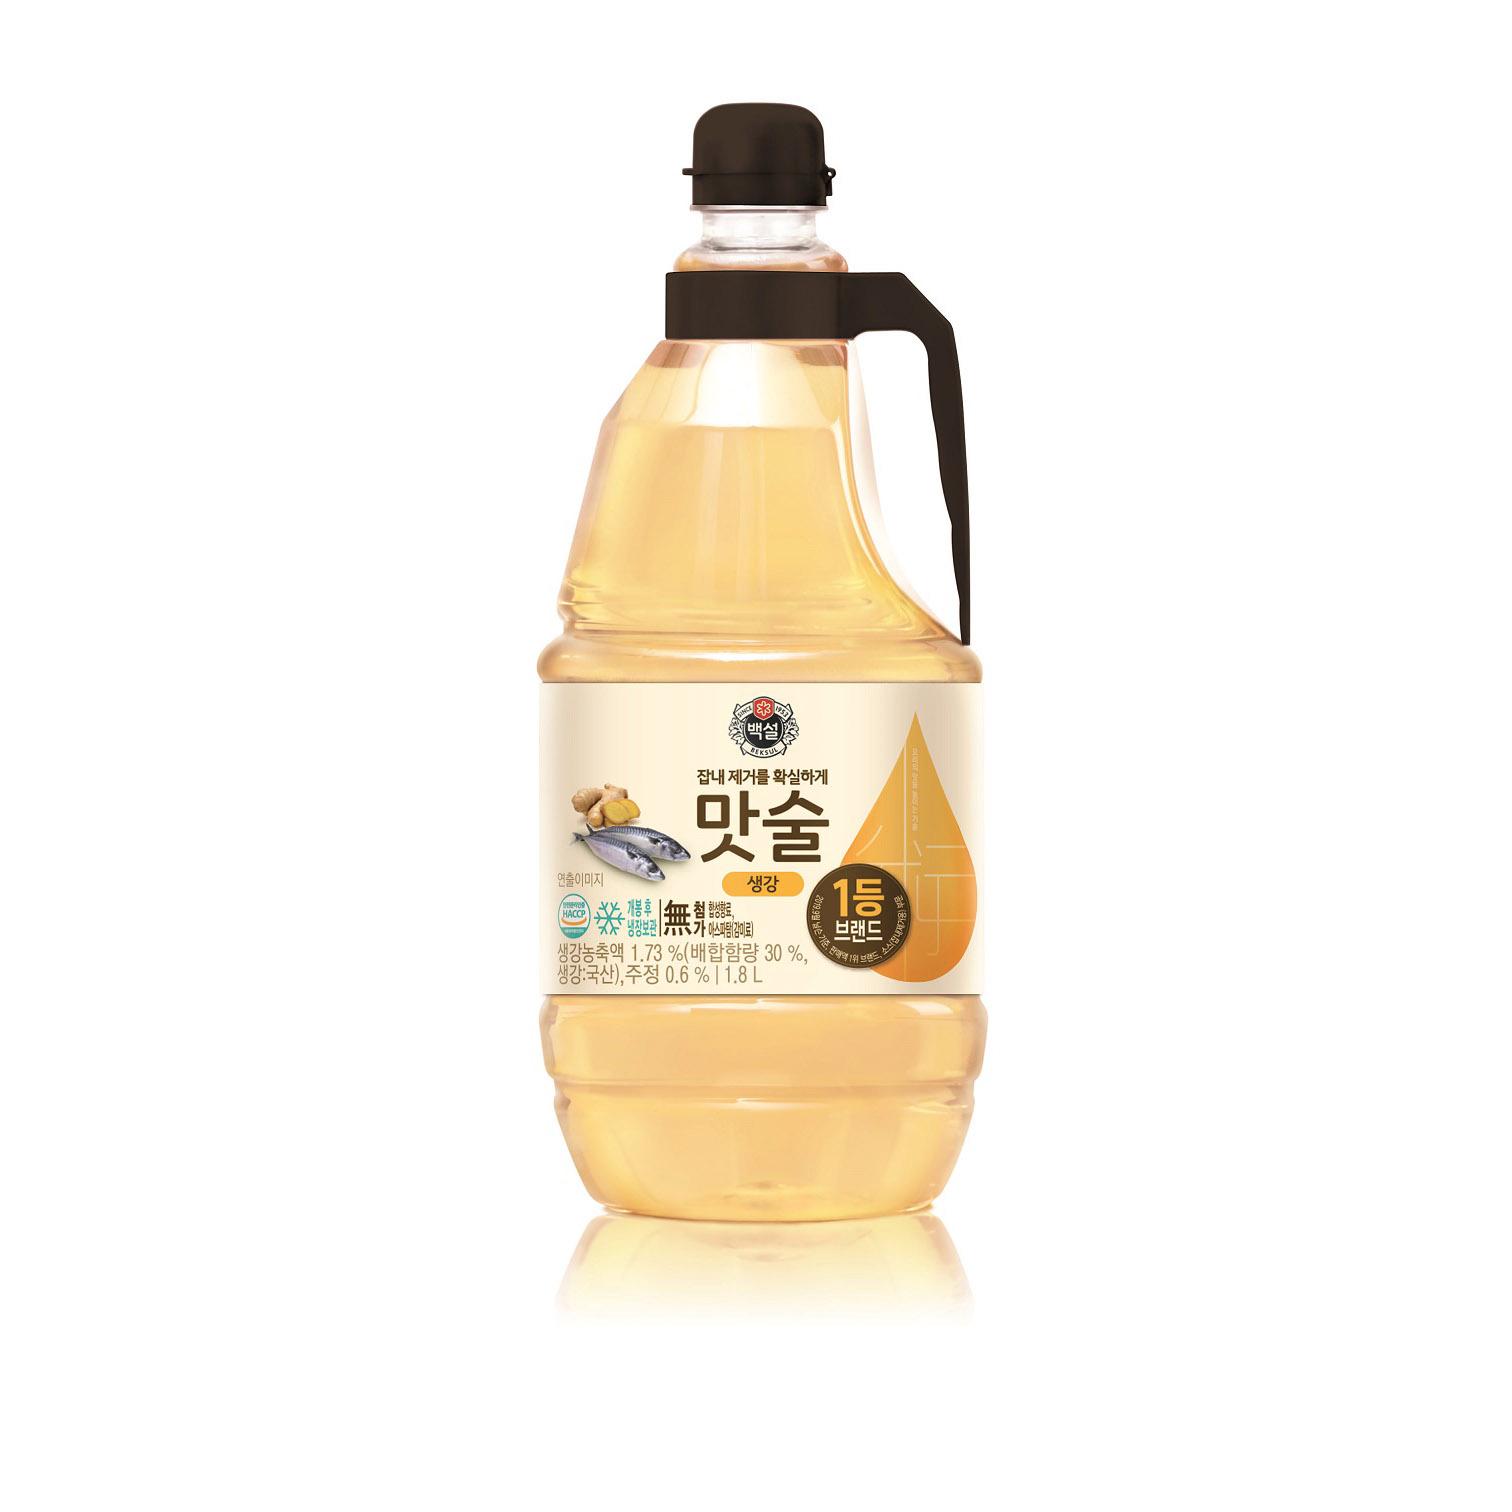 백설 맛술 생강, 1.8L, 1개